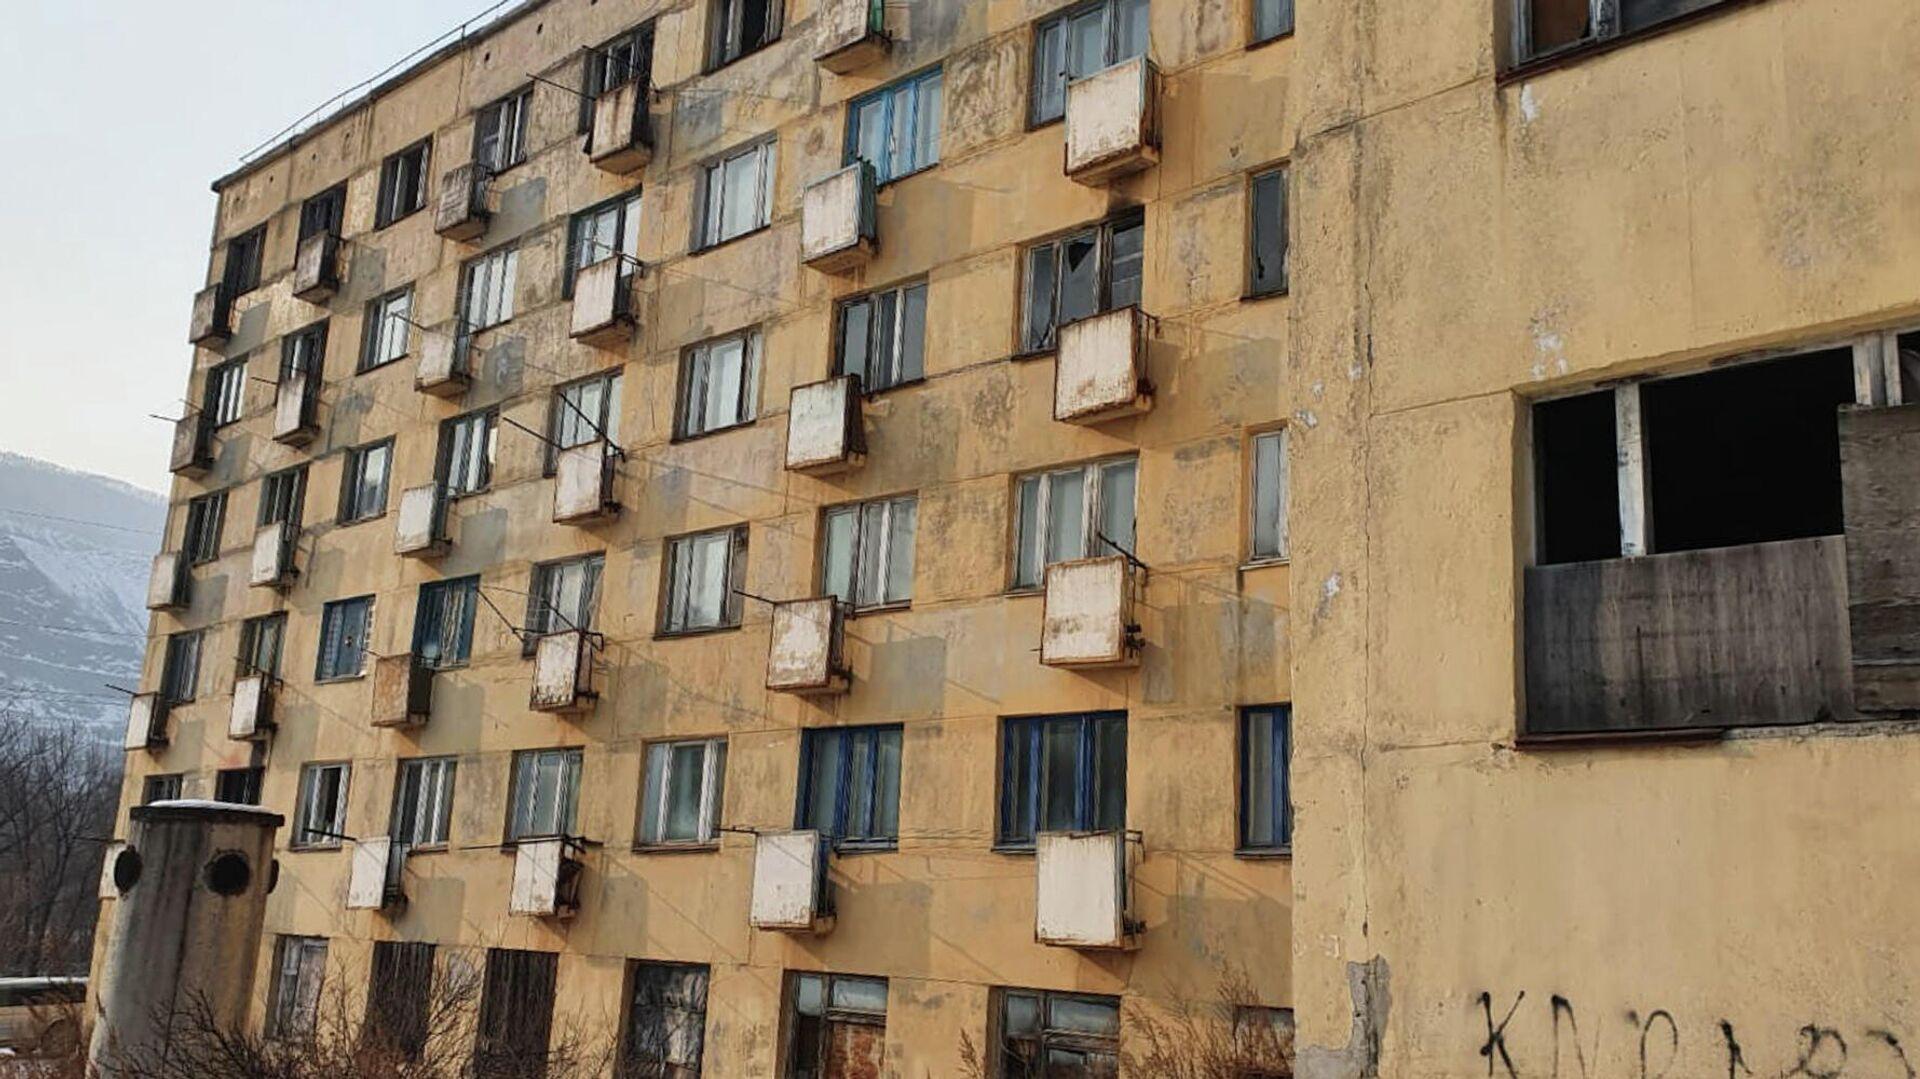 Аварийный дом в городе Дальнегорске на улице Рабочая - РИА Новости, 1920, 08.02.2021